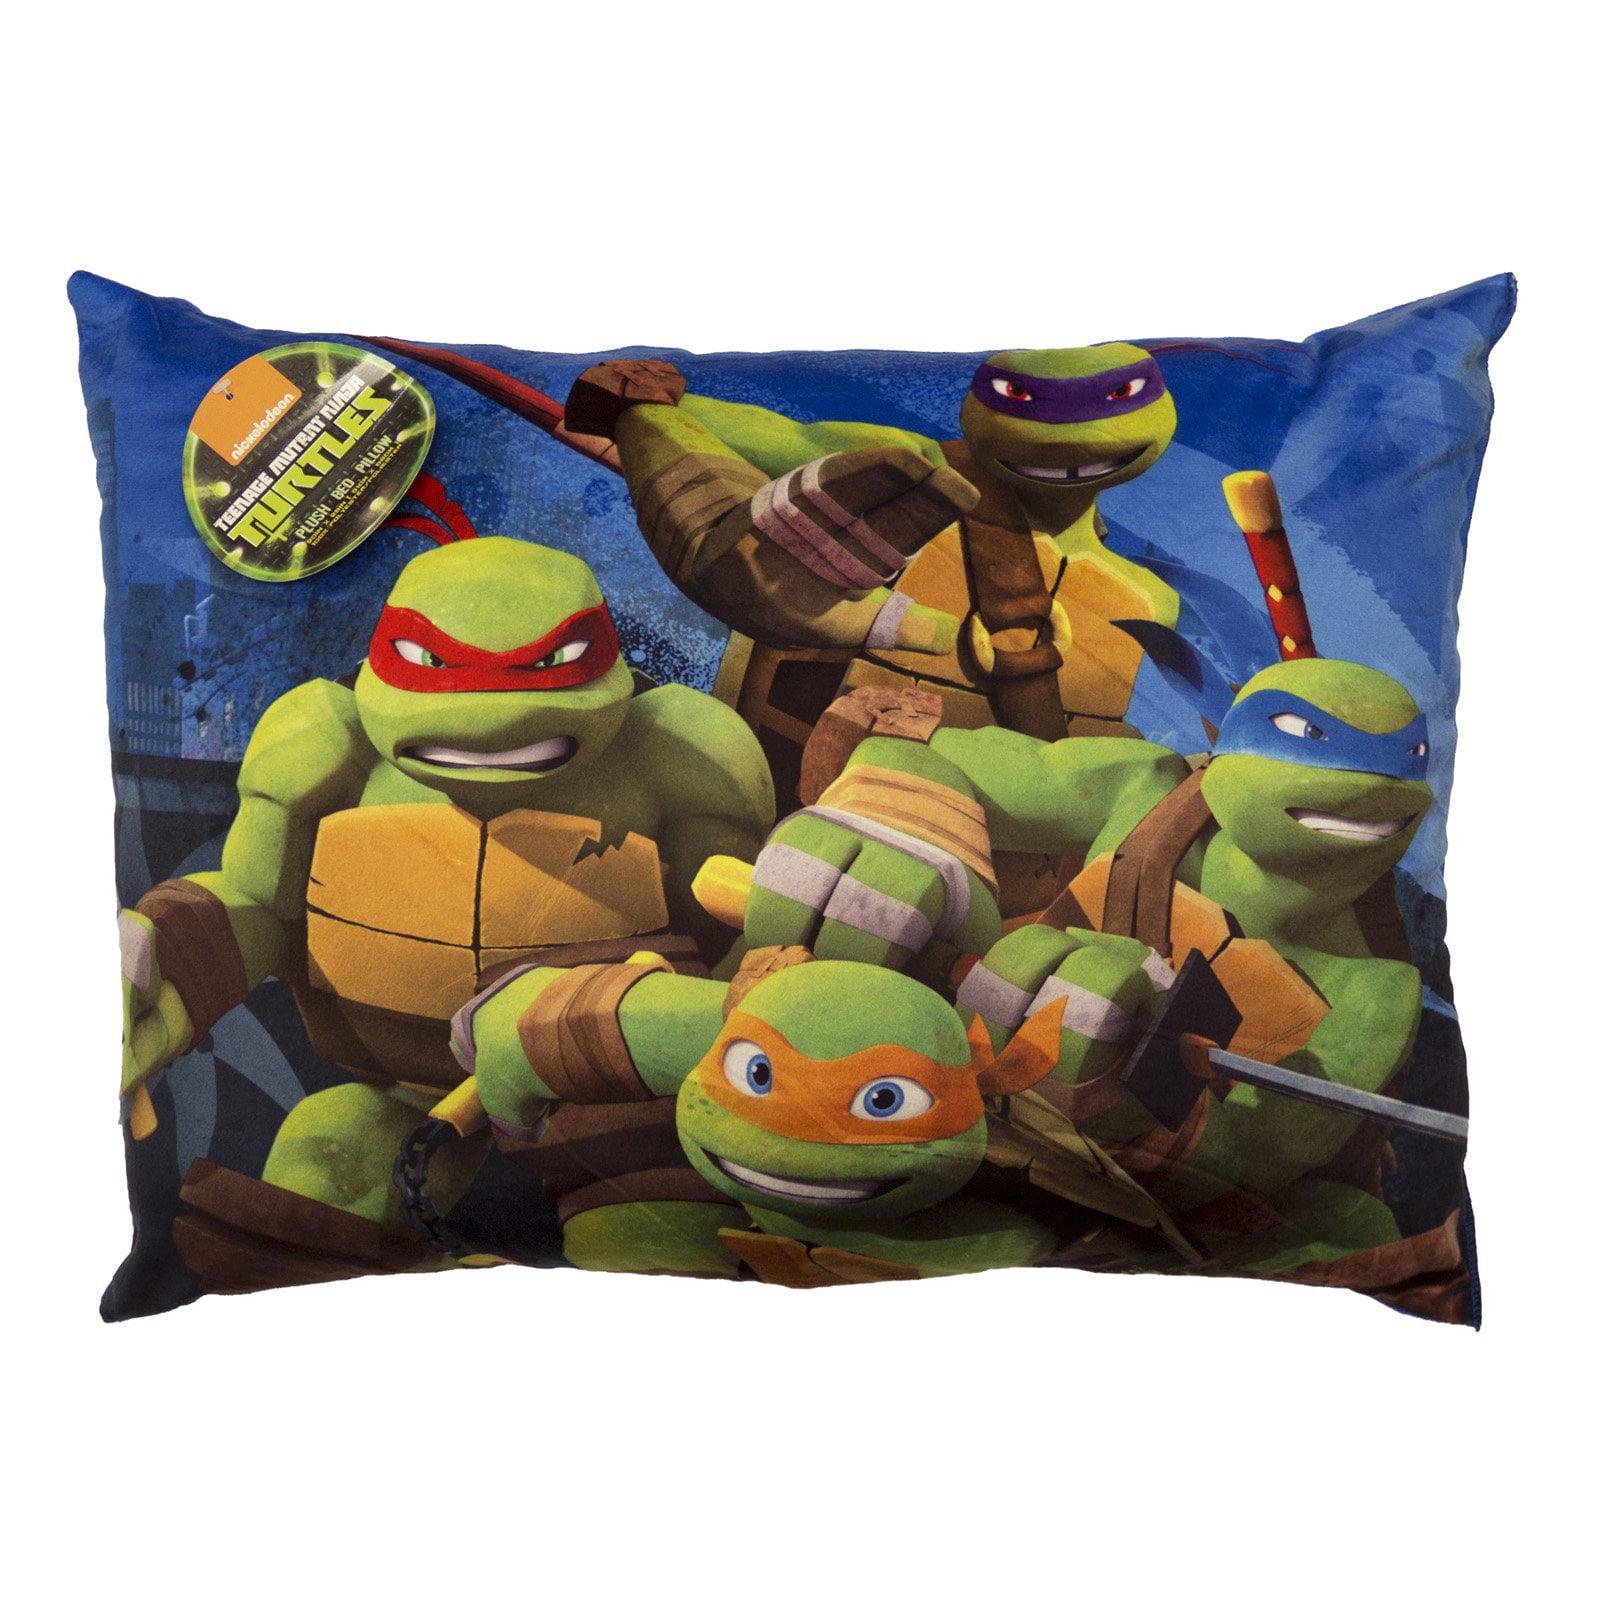 Teenage Mutant Ninja Turtles Bed Pillow by Nickelodeon